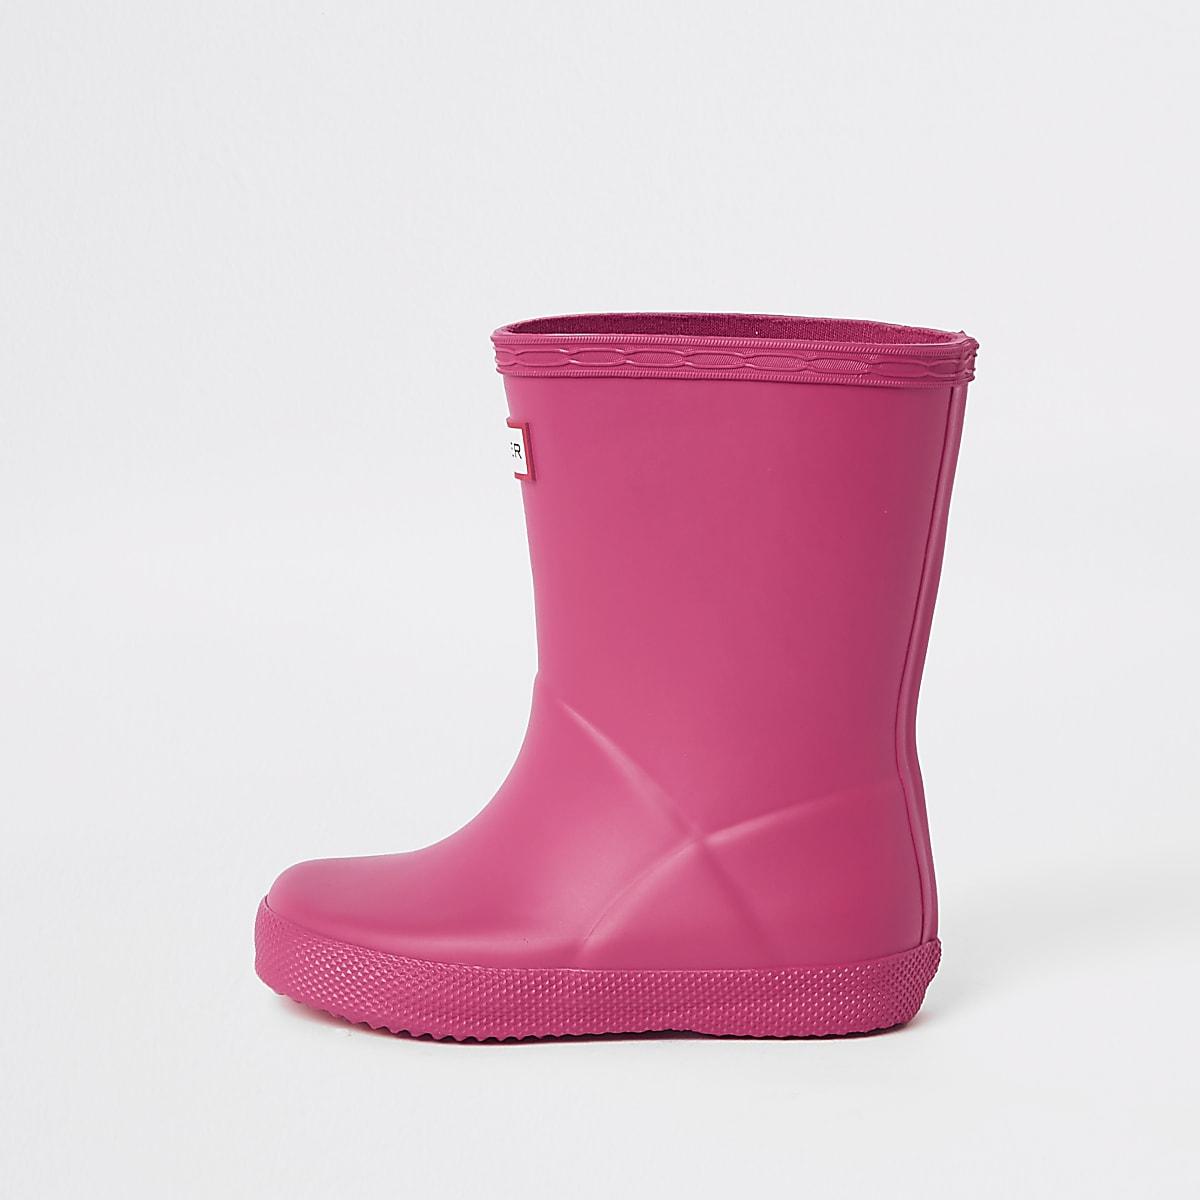 Mini - Hunter Original First - Roze regenlaarzen voor kinderen